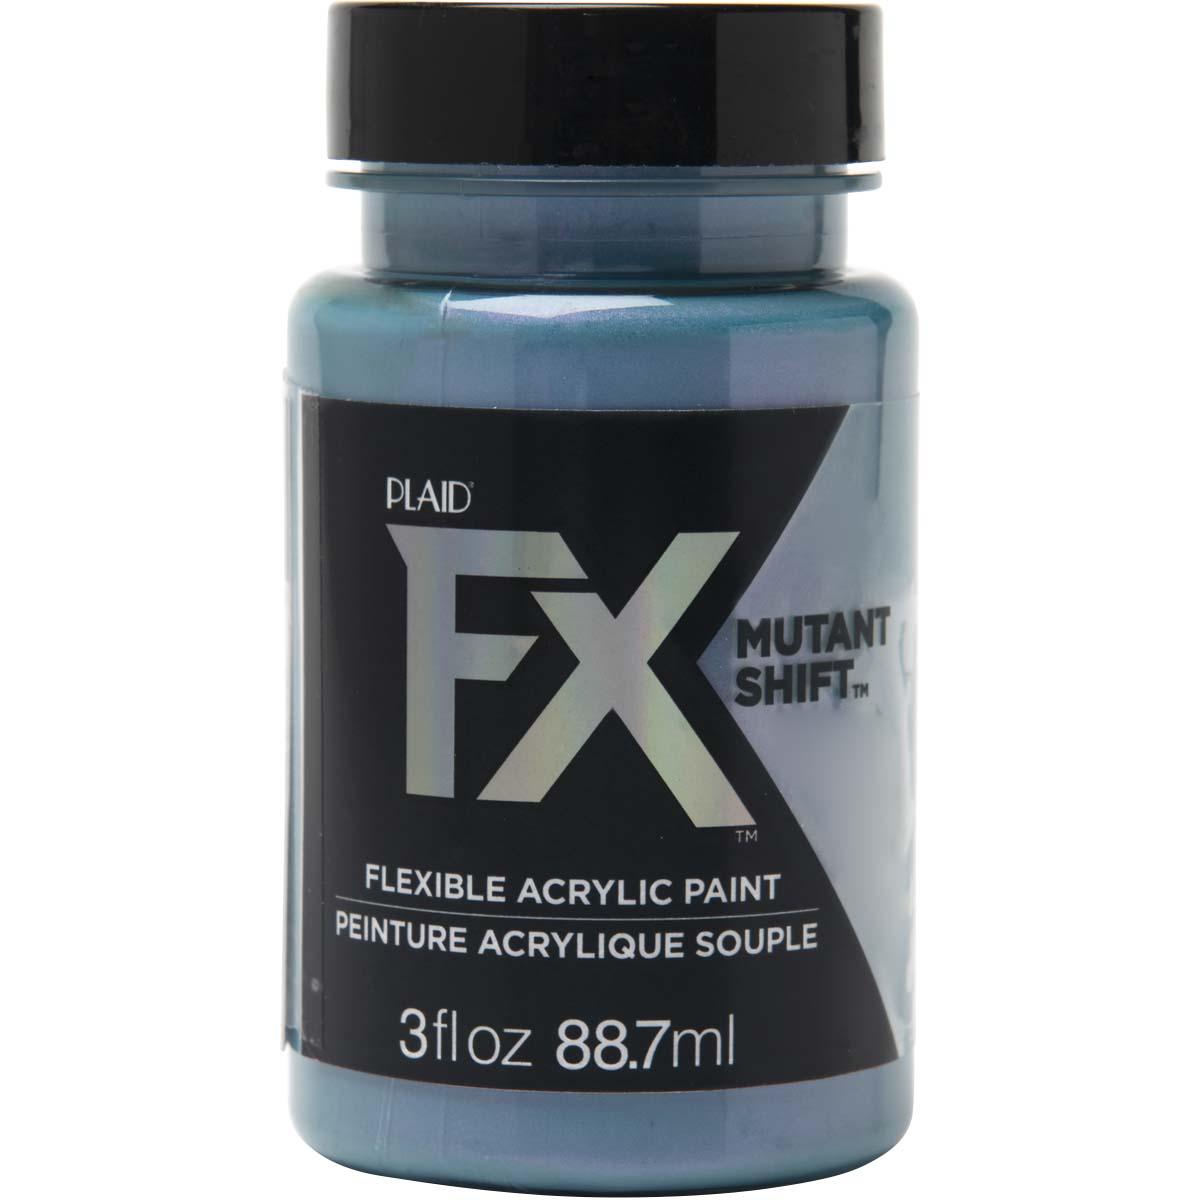 PlaidFX Mutant Shift Flexible Acrylic Paint - Immune Blue, 3 oz. - 36910